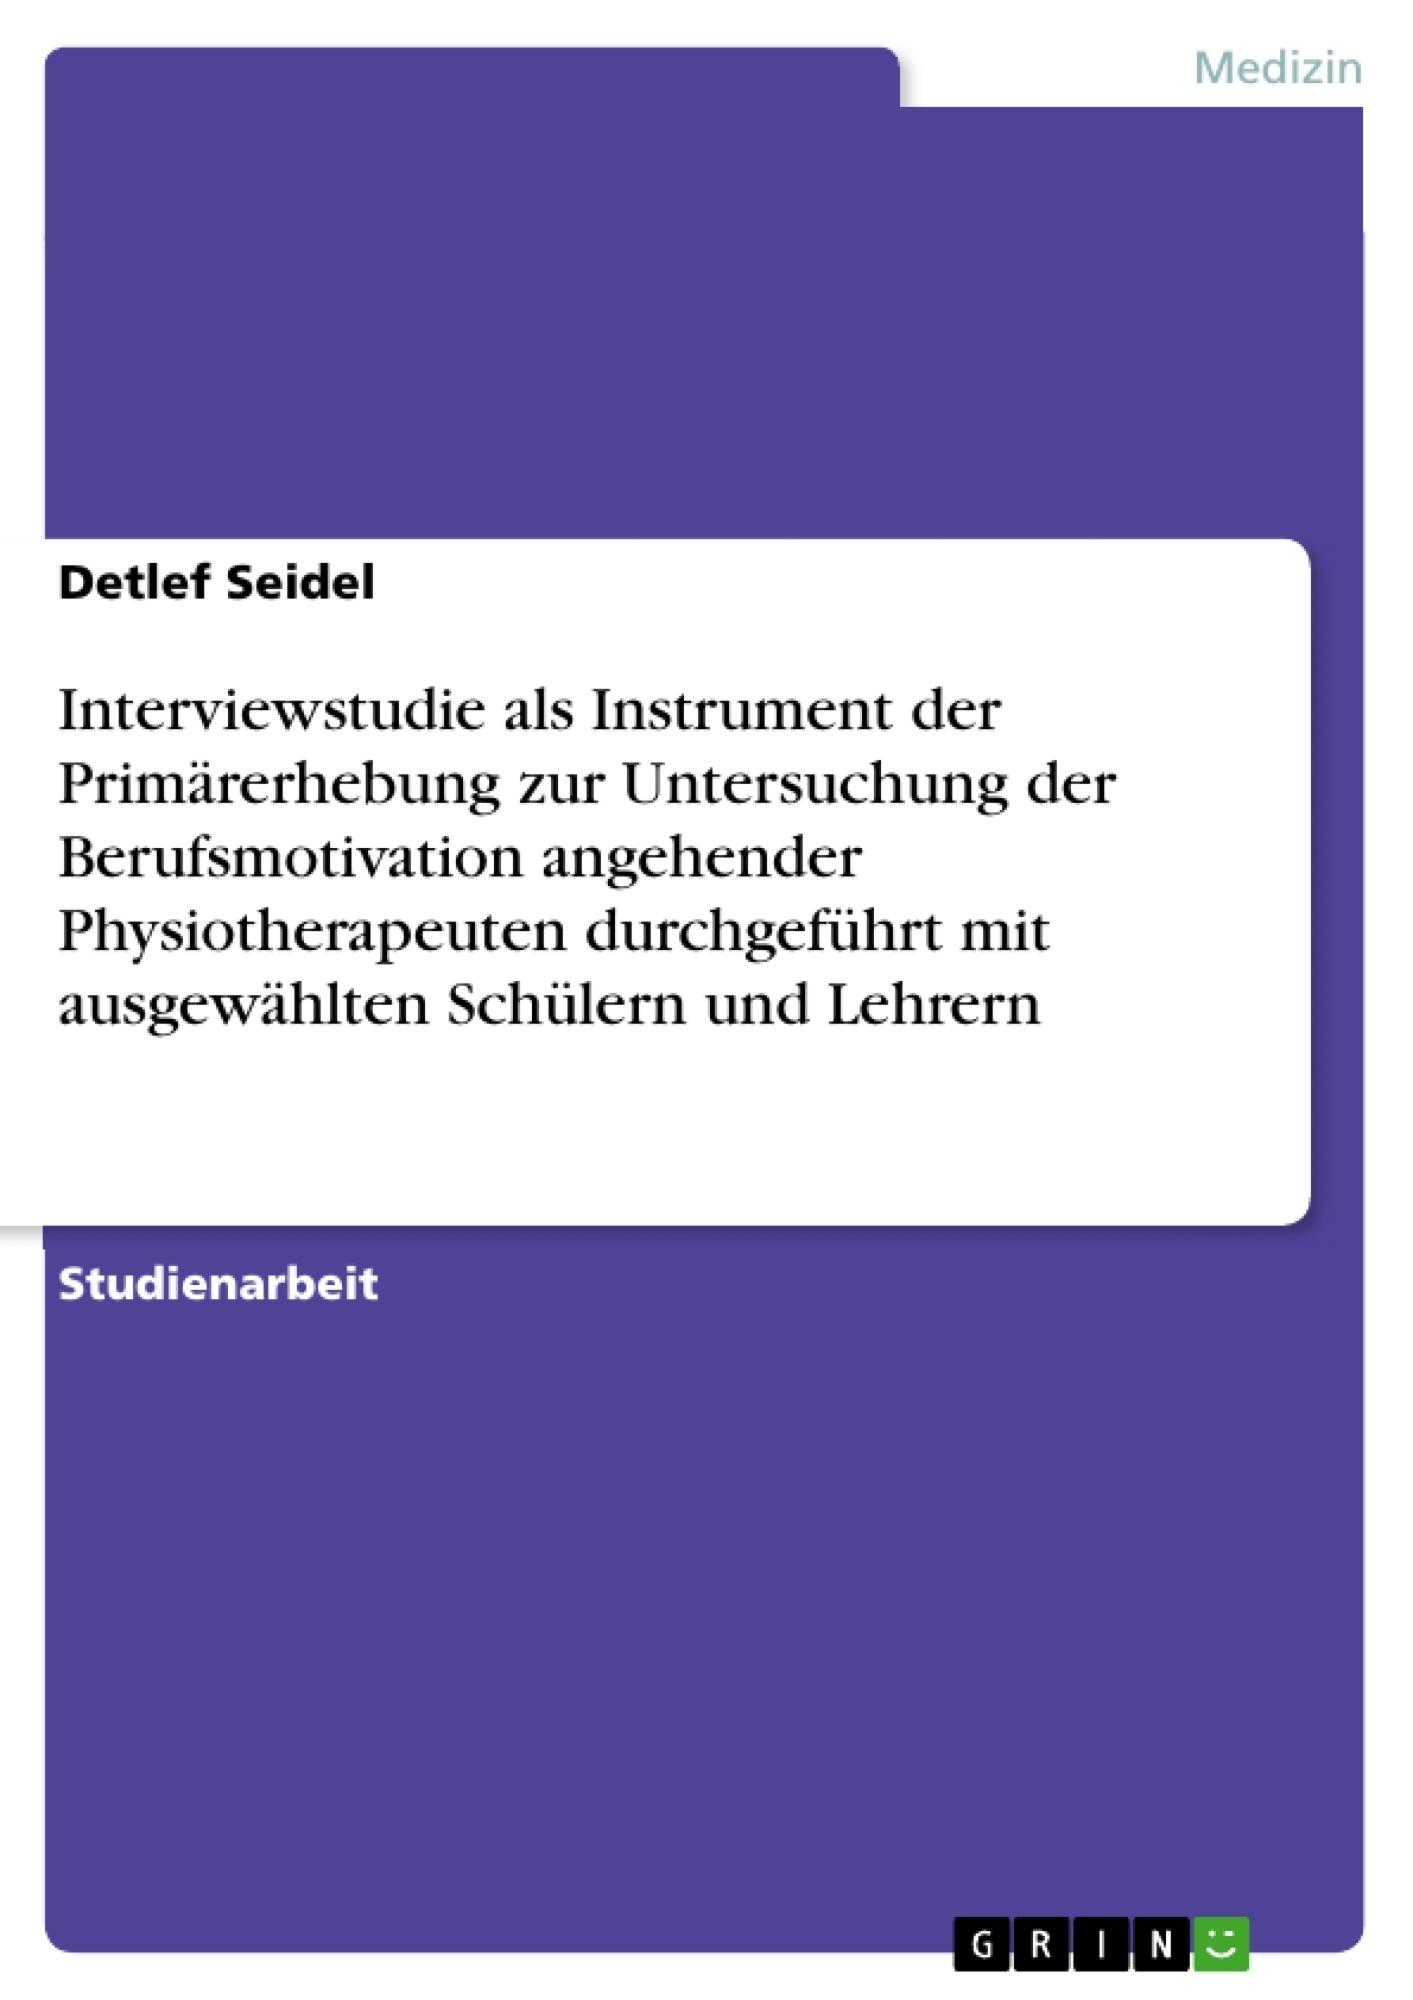 Titel: Interviewstudie als Instrument der Primärerhebung zur Untersuchung der Berufsmotivation angehender Physiotherapeuten durchgeführt mit ausgewählten Schülern und Lehrern